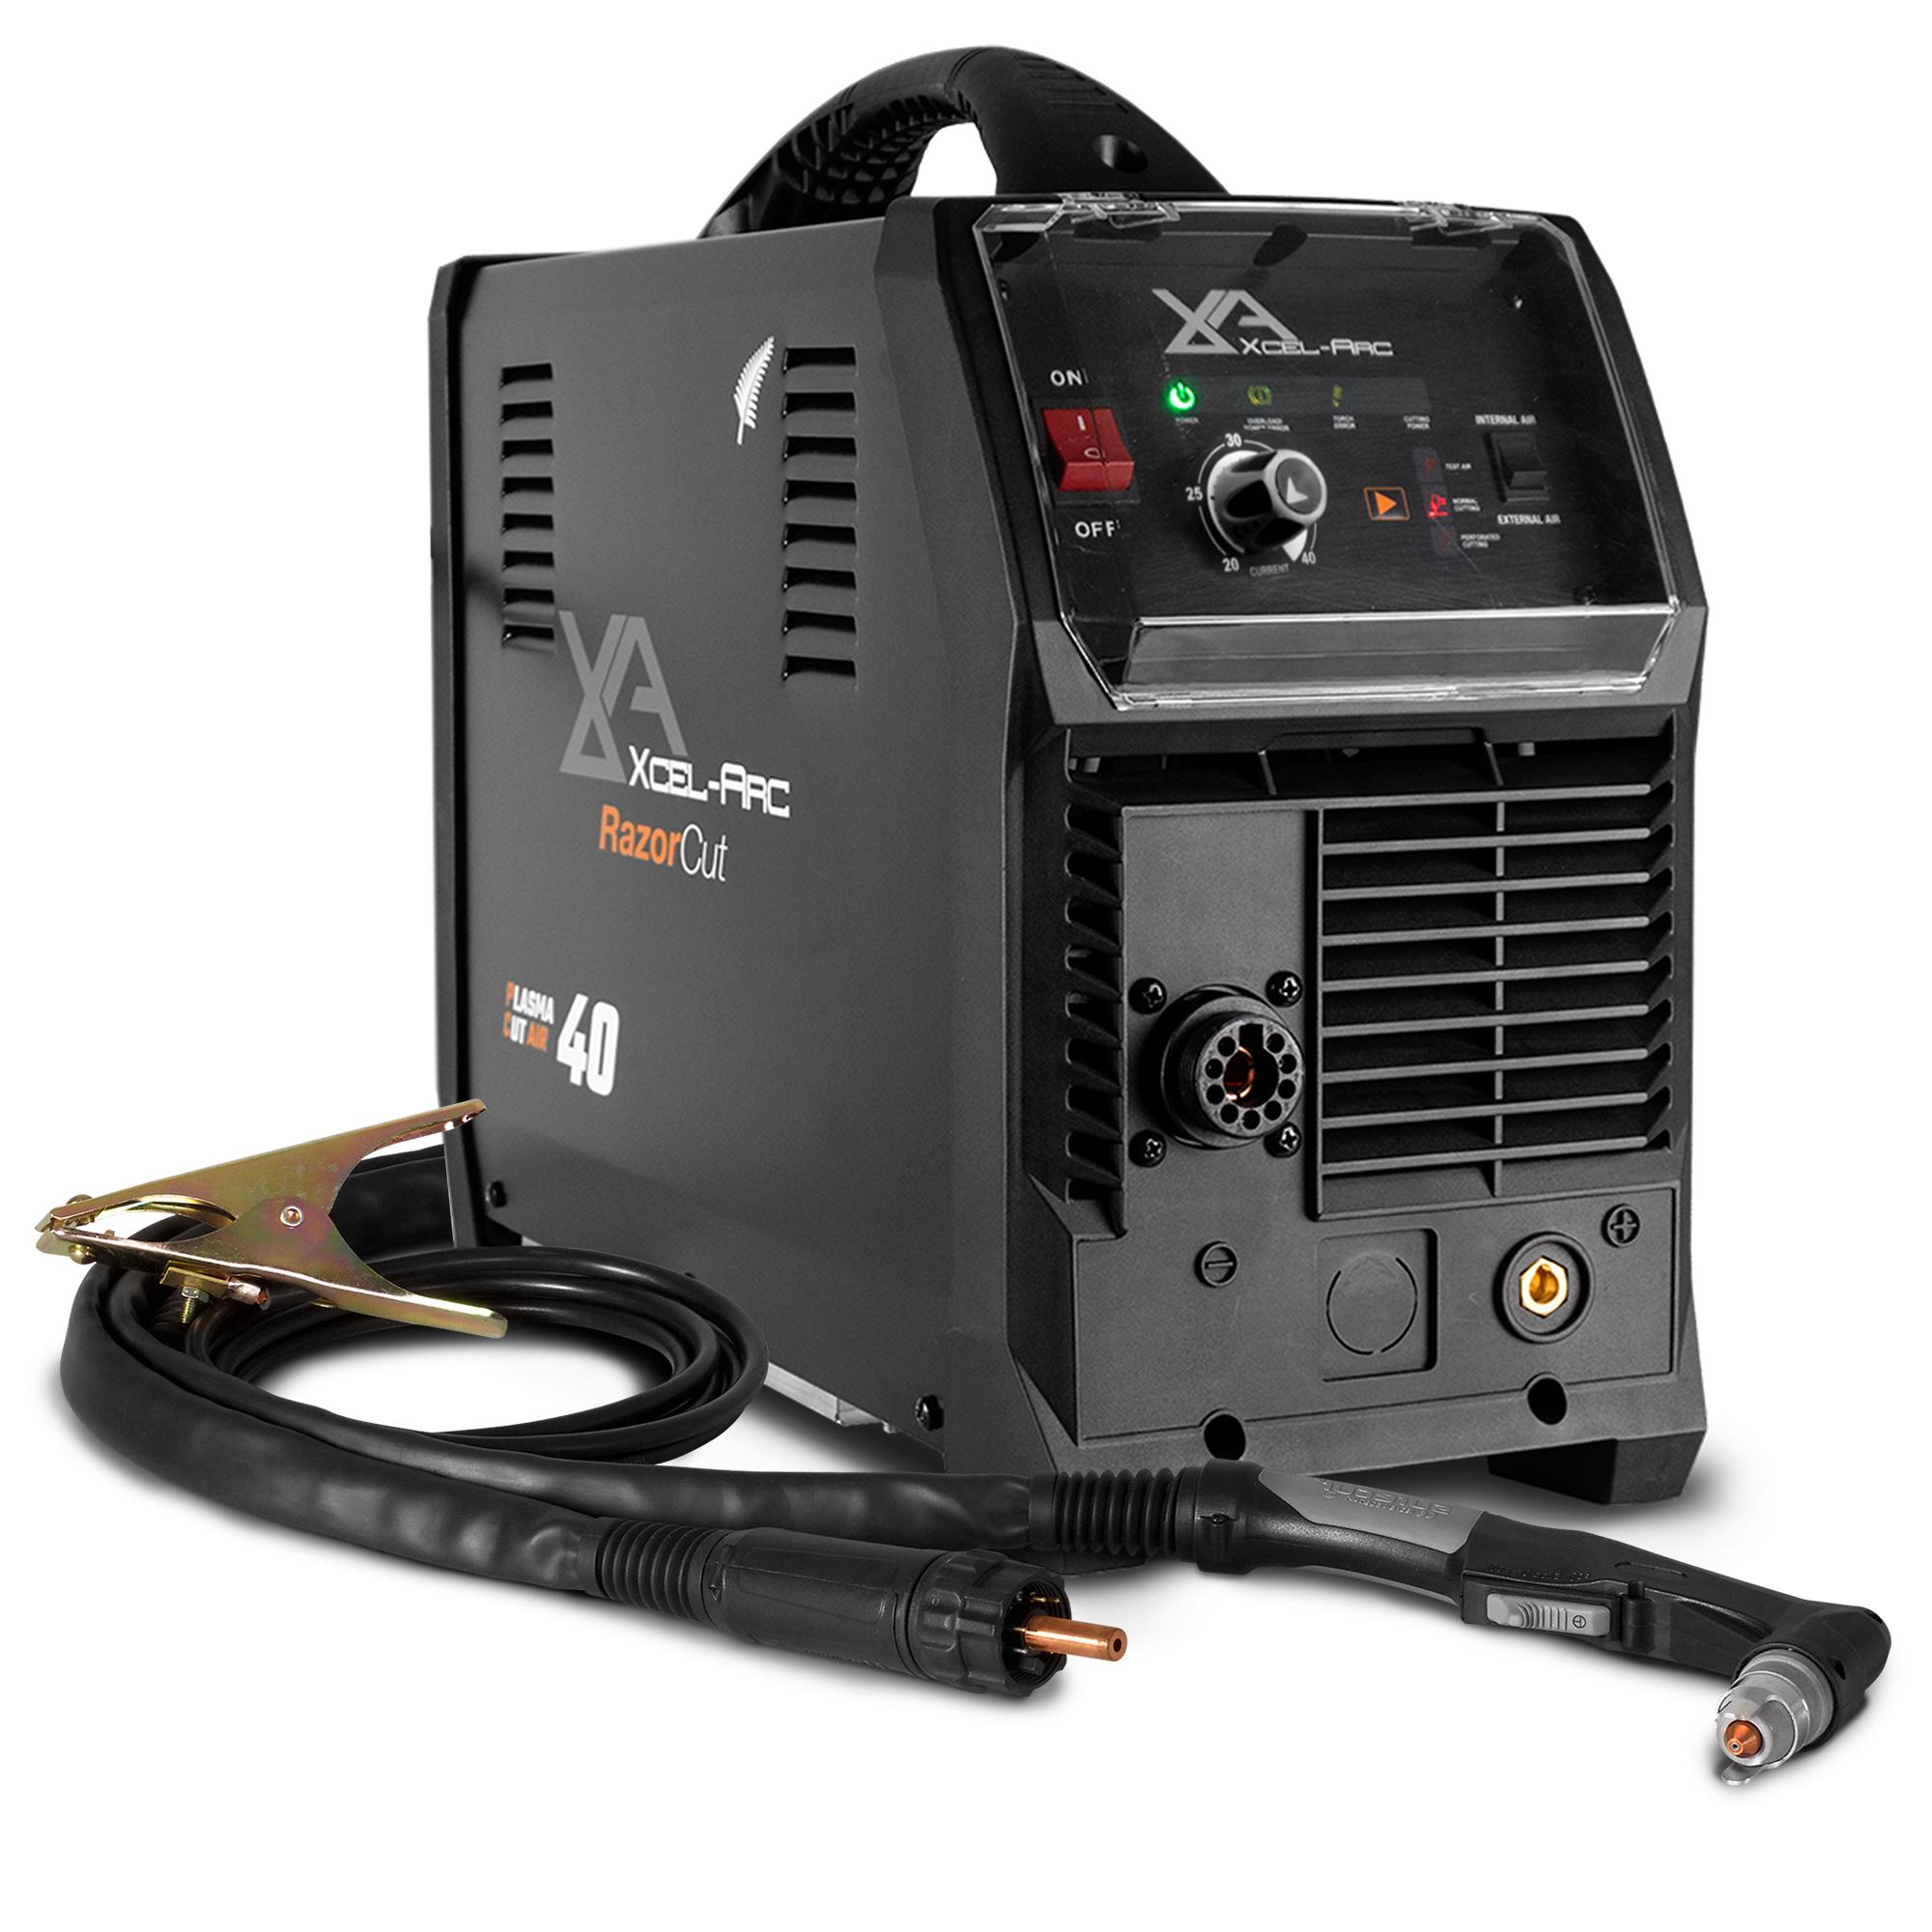 razor-cut-40-air-kit-1.jpg